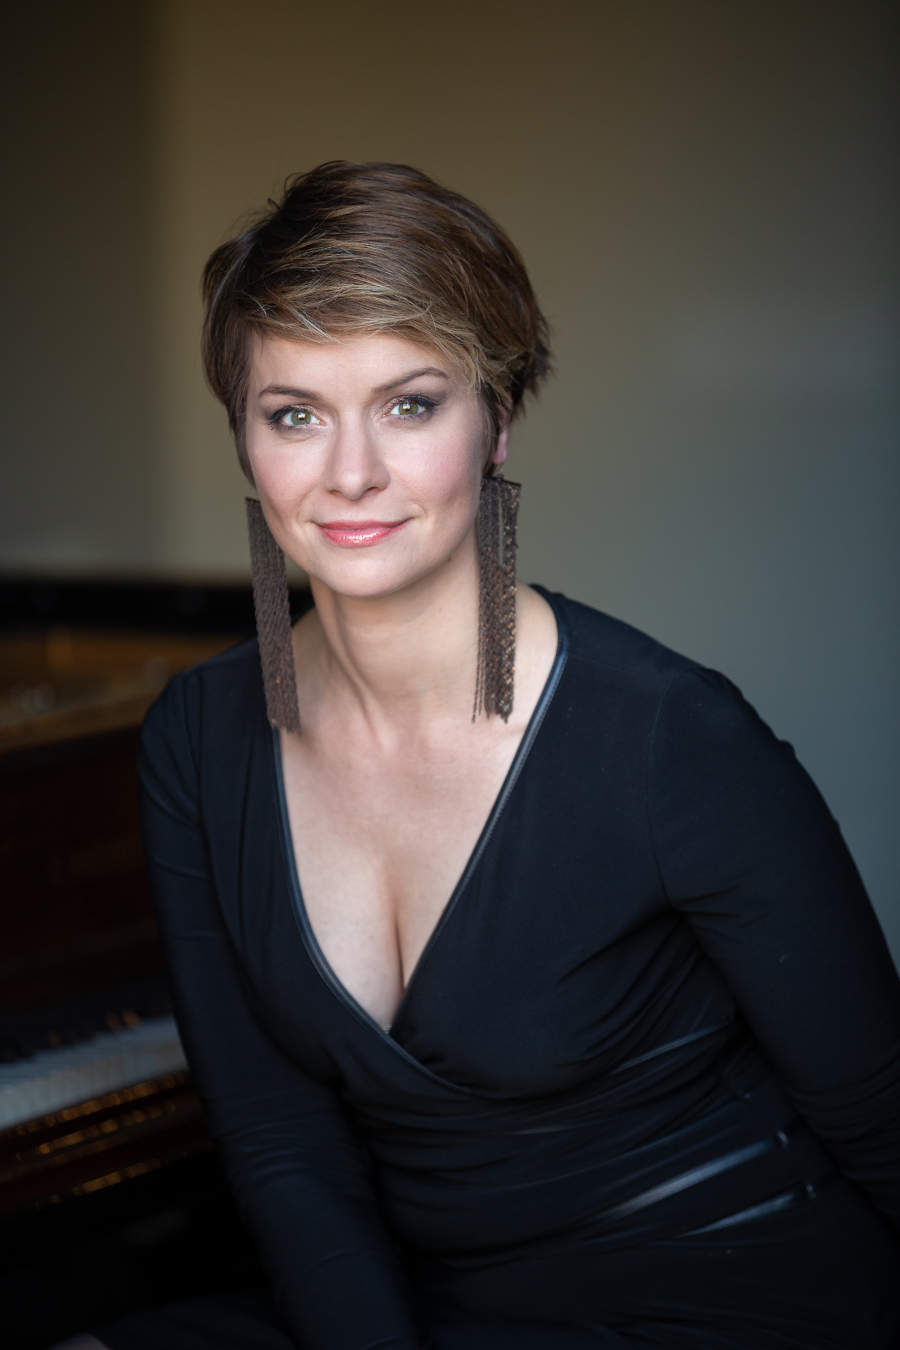 Eglė Andrejevaitė, pianistė, TonArt įkūrėja - nuotrauka Mindaugo Mikutėno